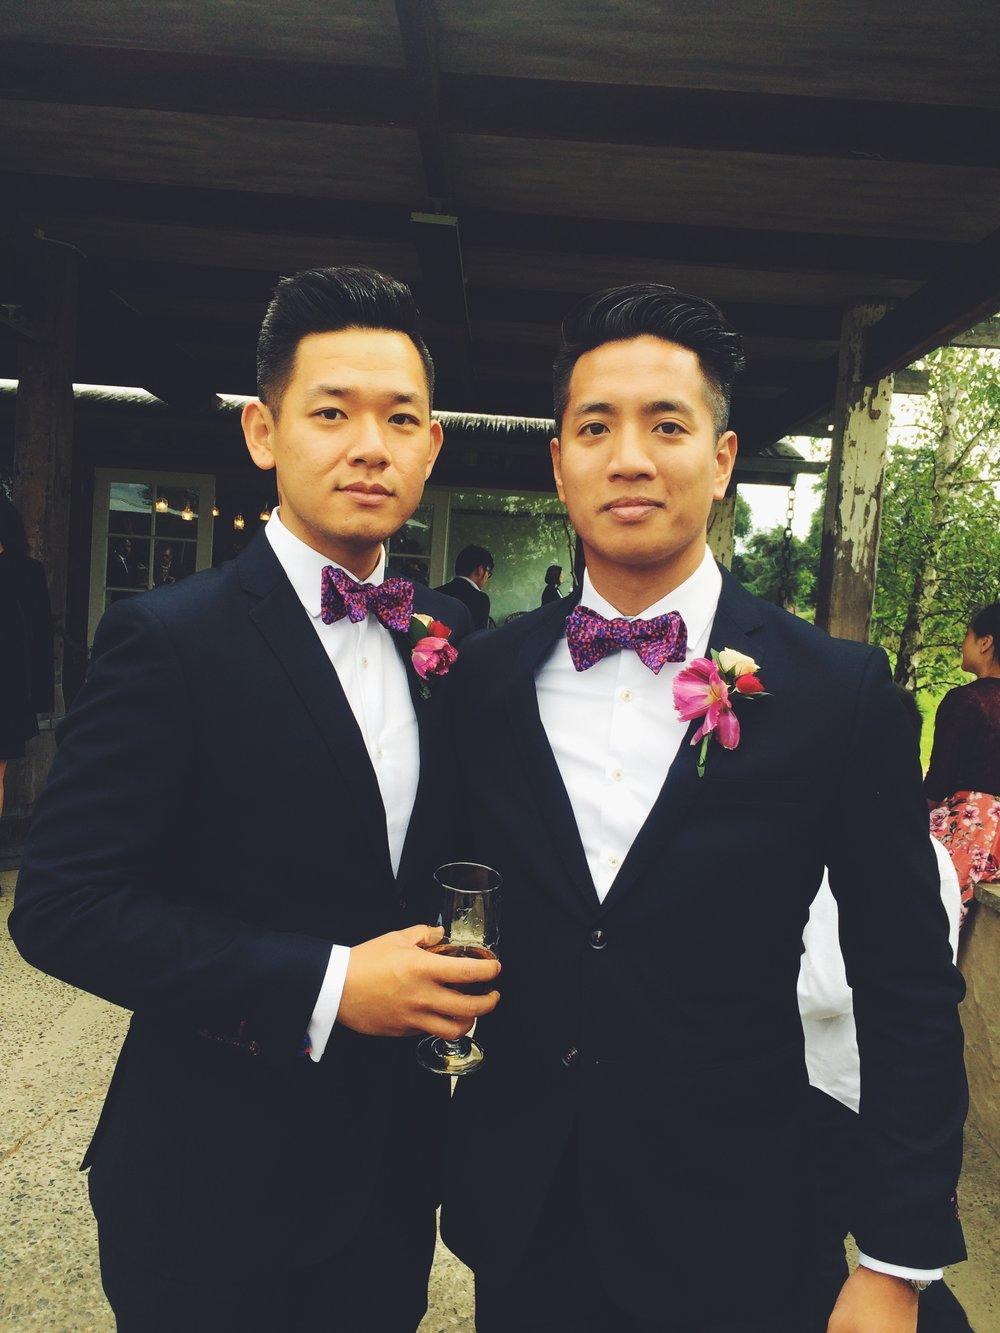 edward kwan bow ties.JPG